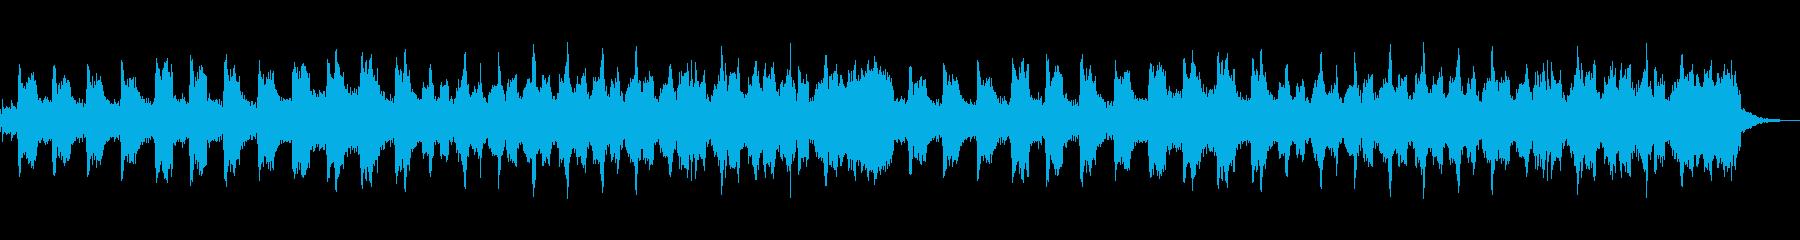 流れ星の再生済みの波形